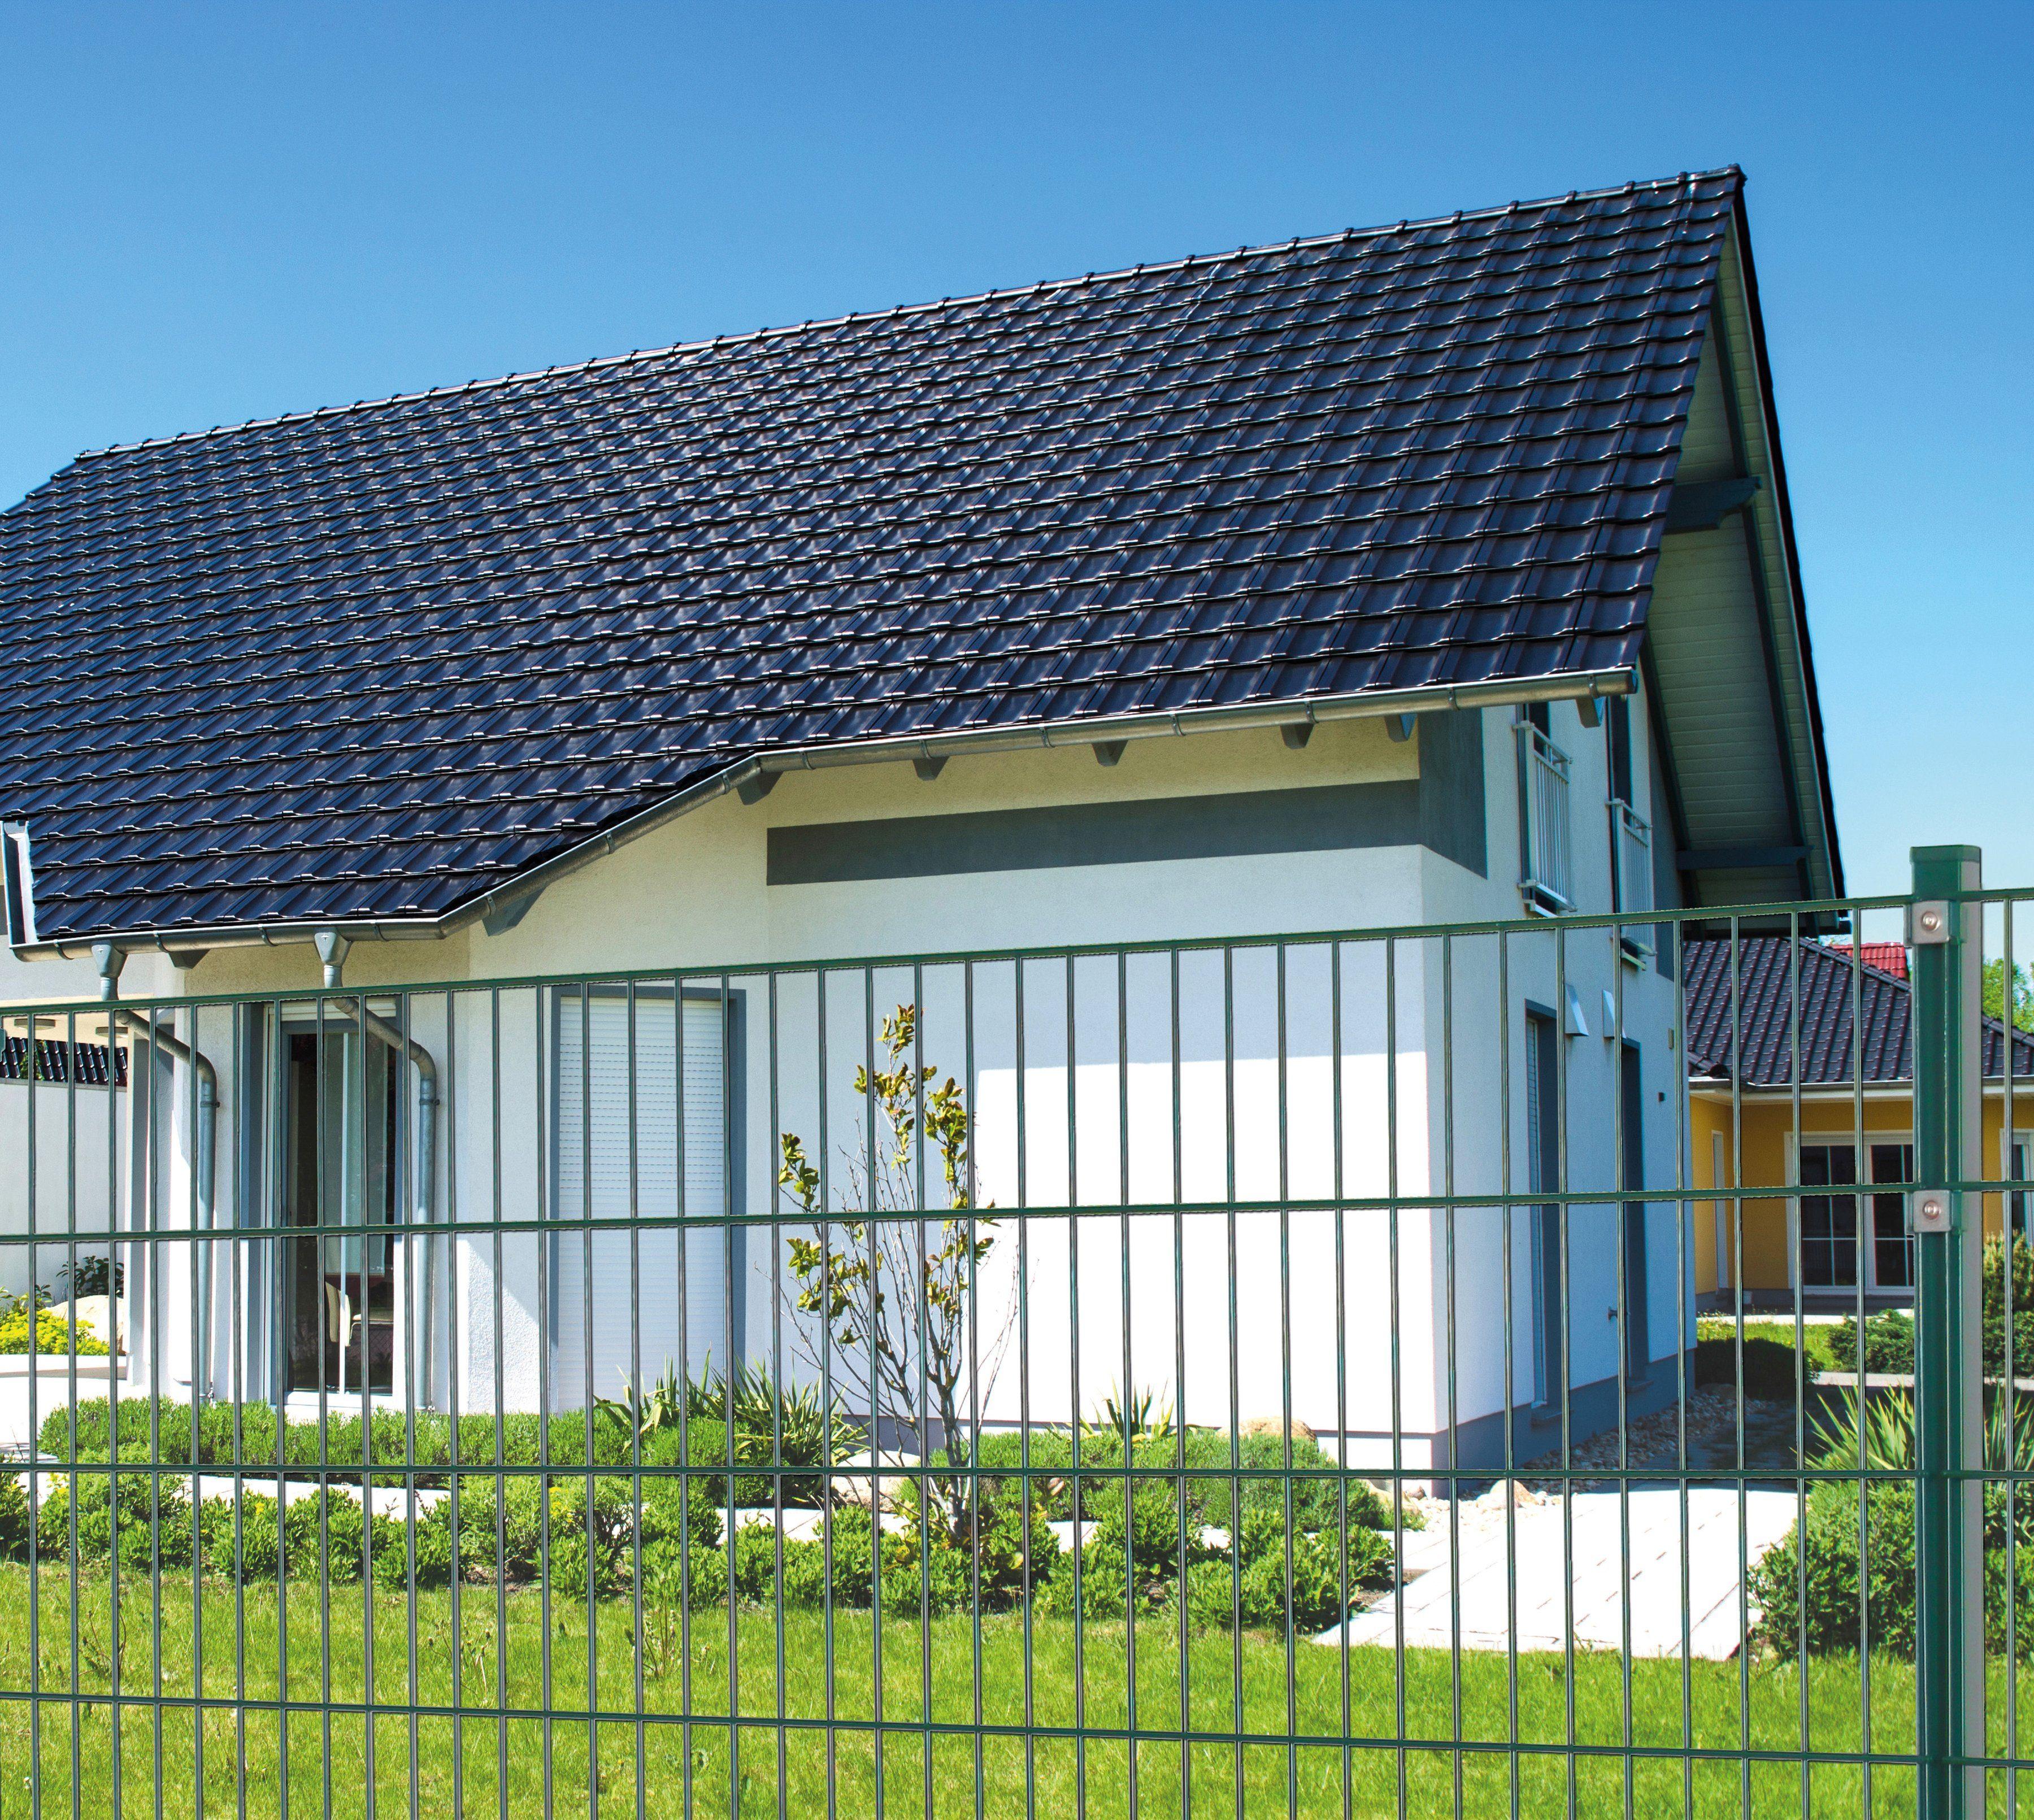 PEDDY SHIELD Einstabmattenzaun , Anbauset, BxH: 2x1,25 m, grün